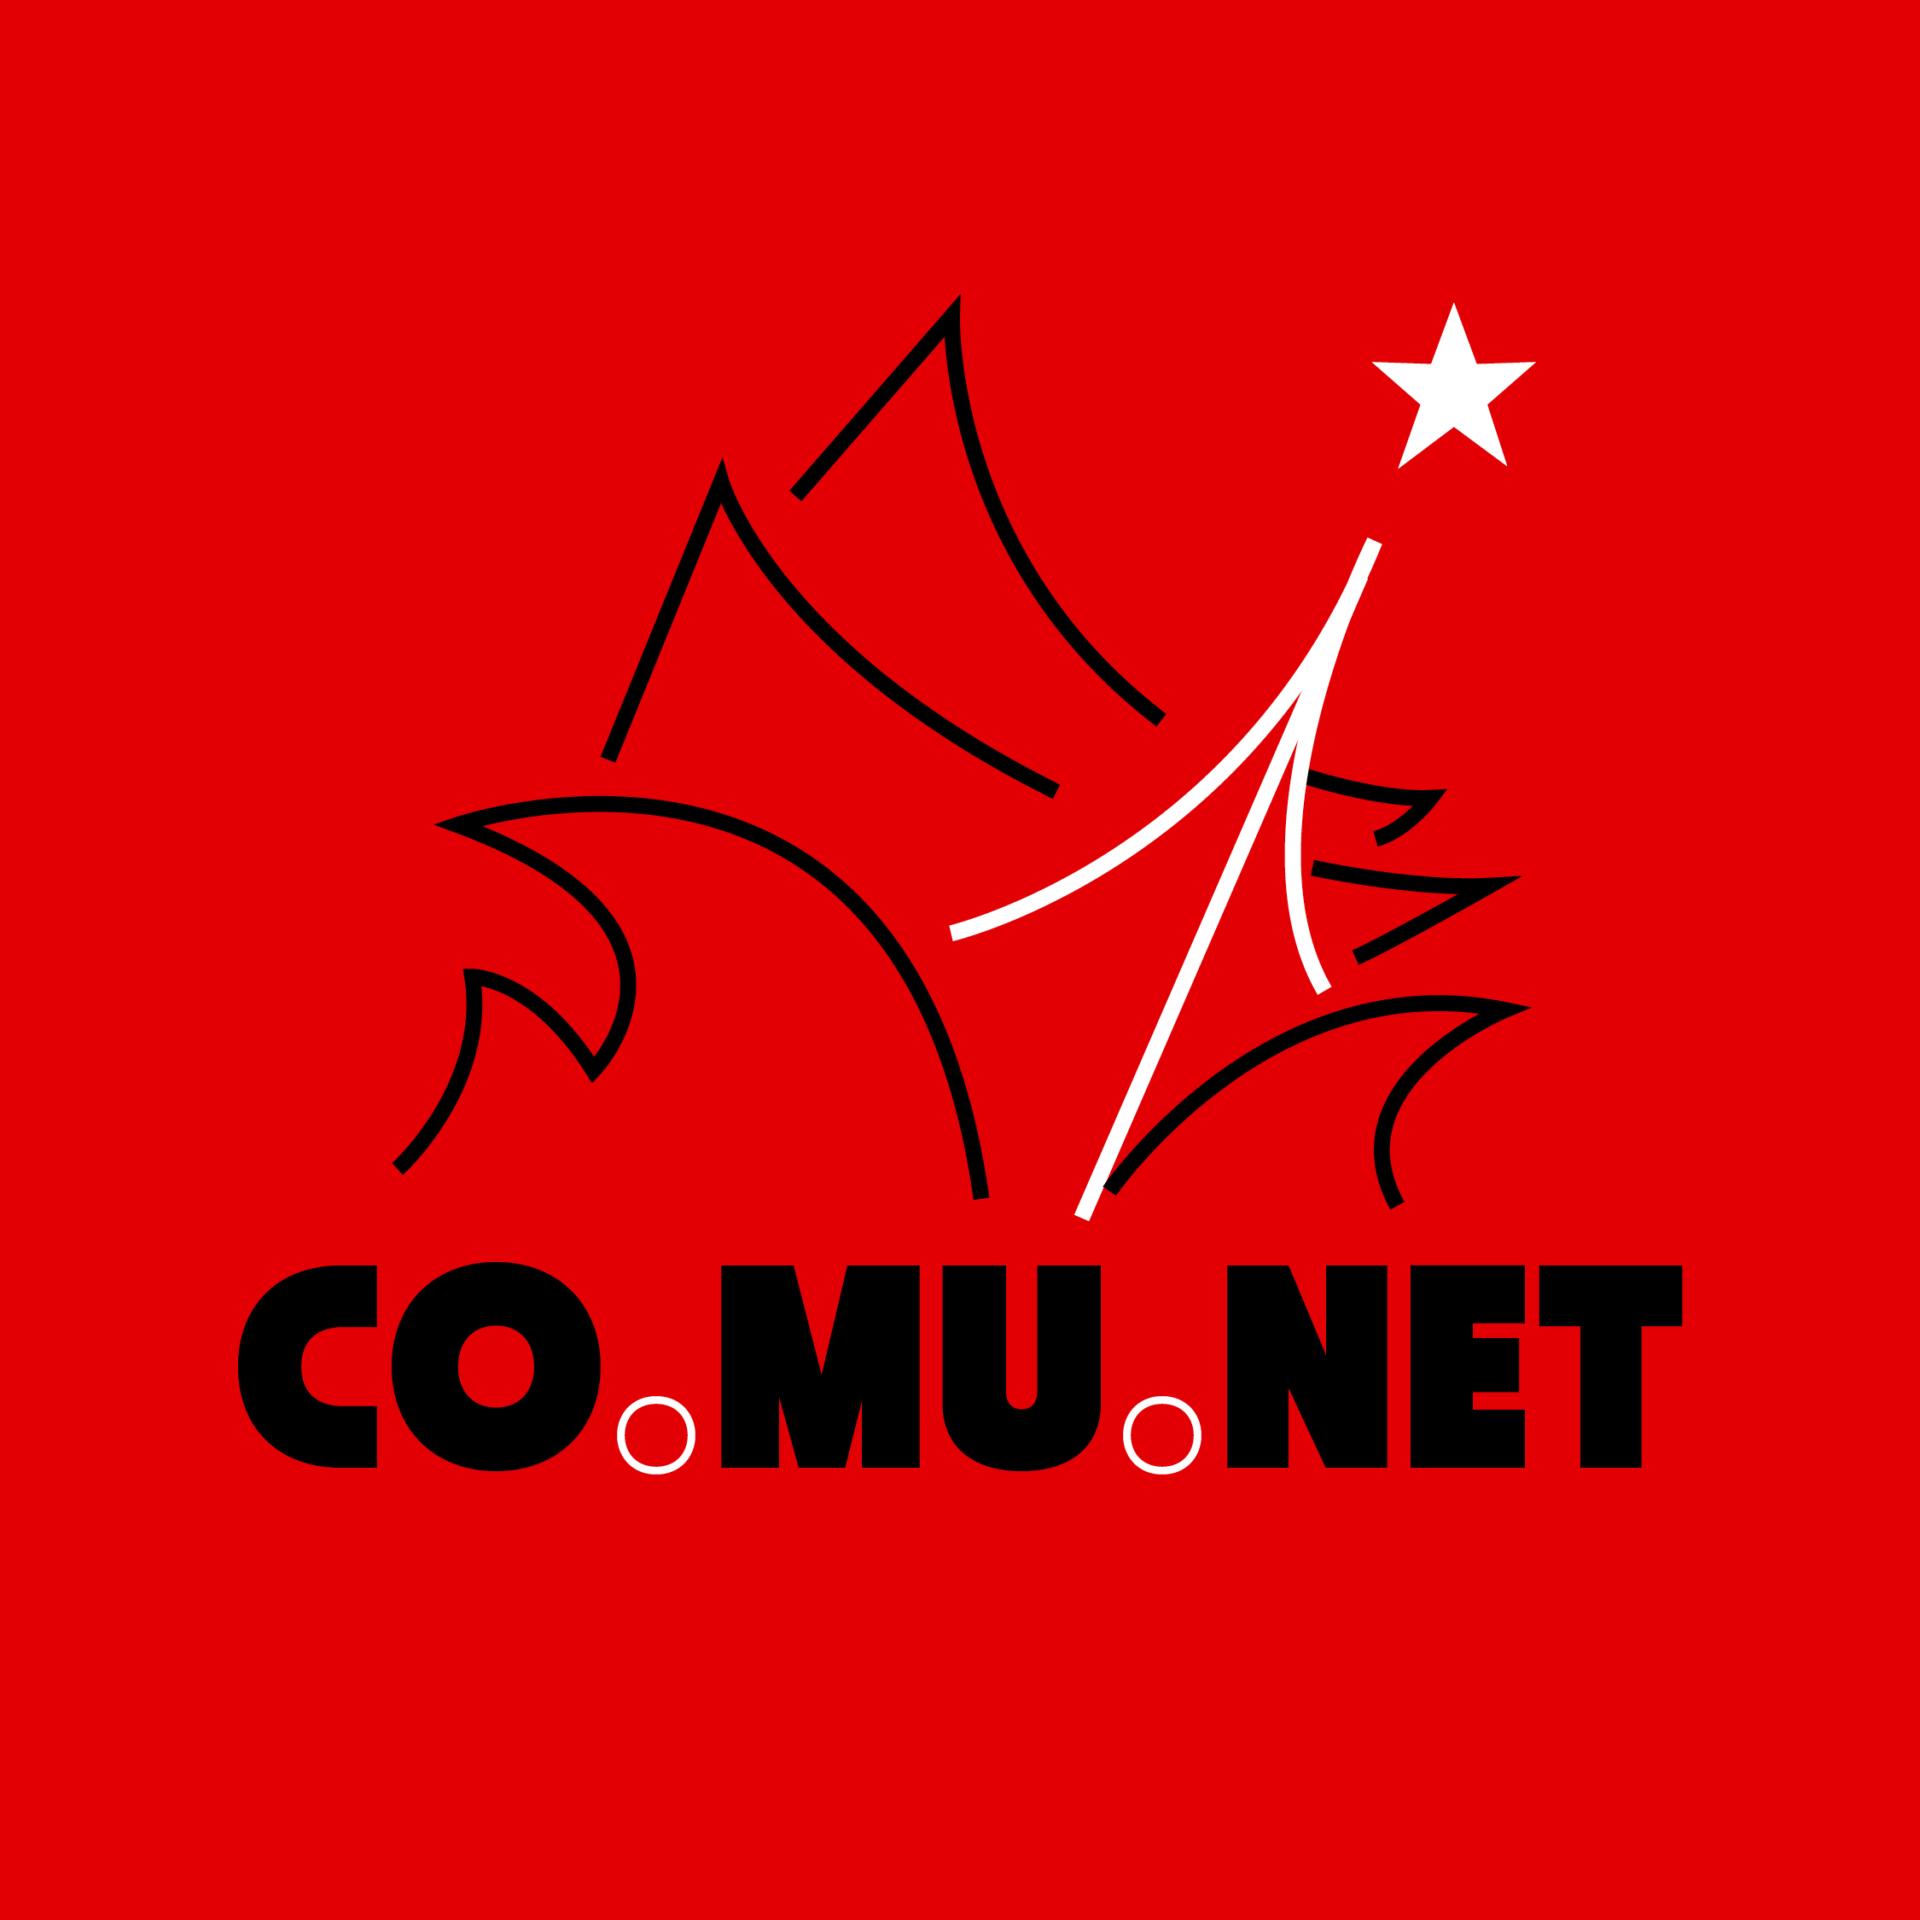 Co.Mu.Net - Officine Corsare